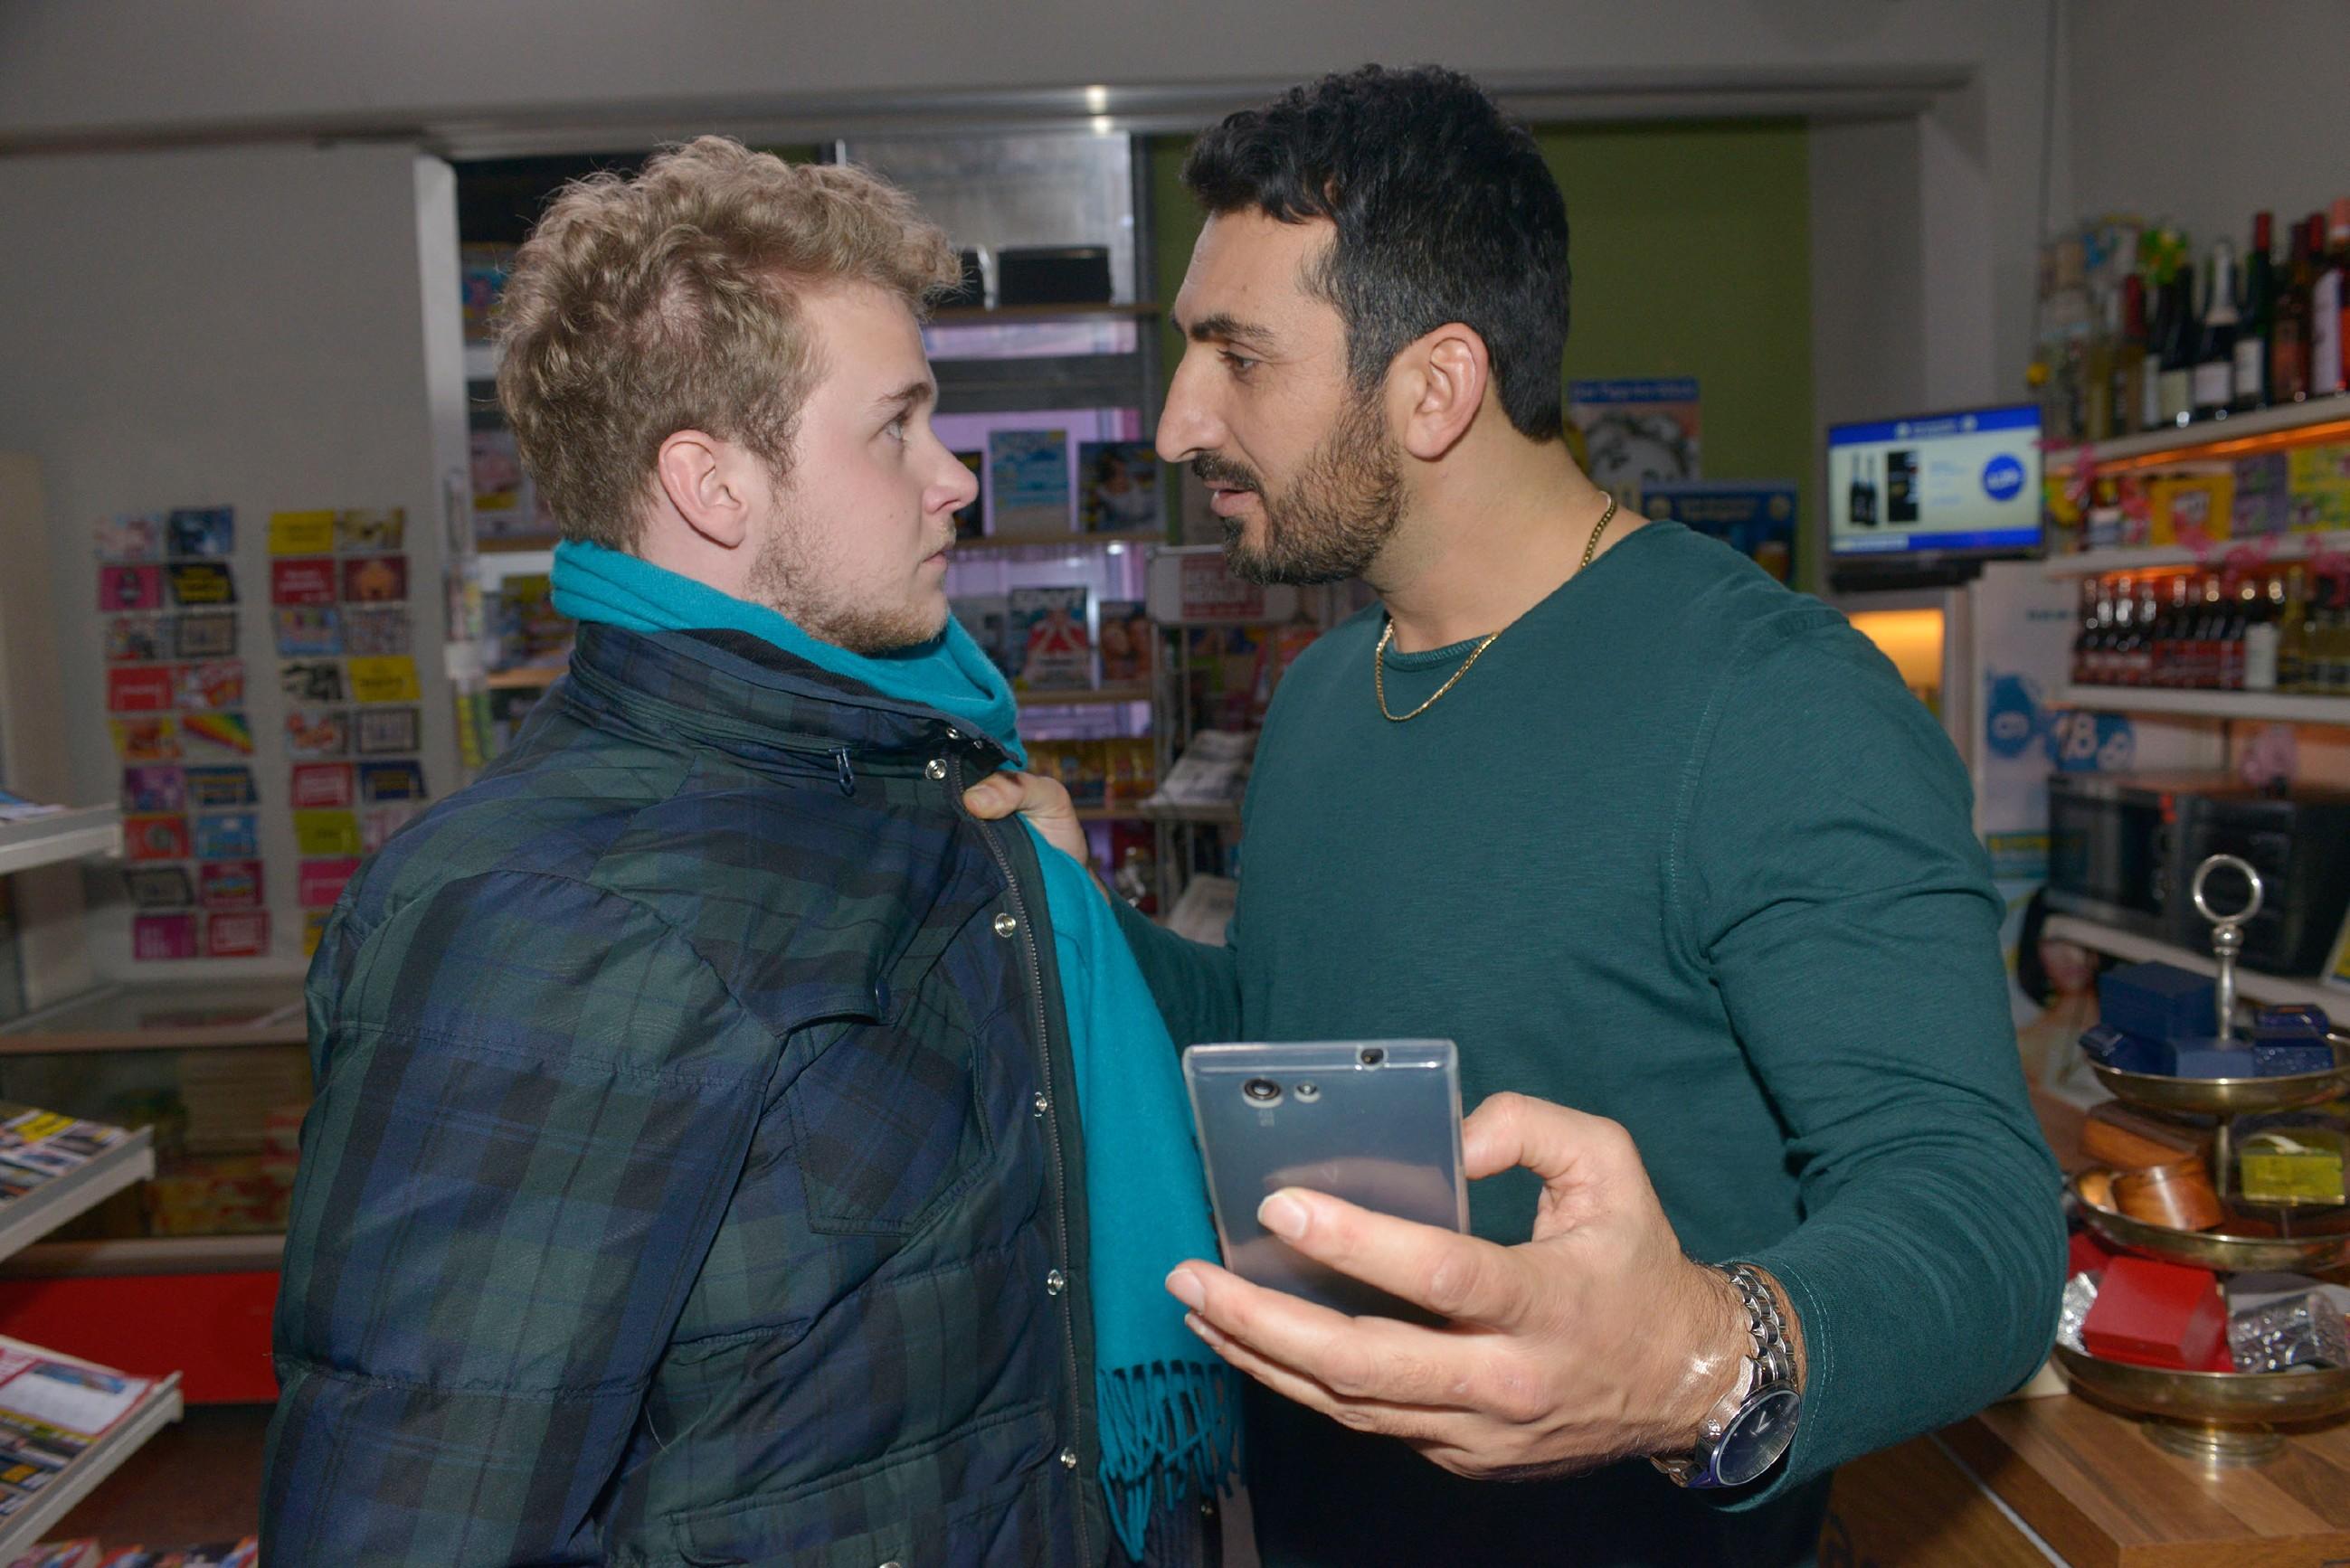 Mesut (Mustafa Alin, r.) macht Jonas (Felix van Deventer) nachdrücklich klar, dass er Selma respektvoll behandeln soll.